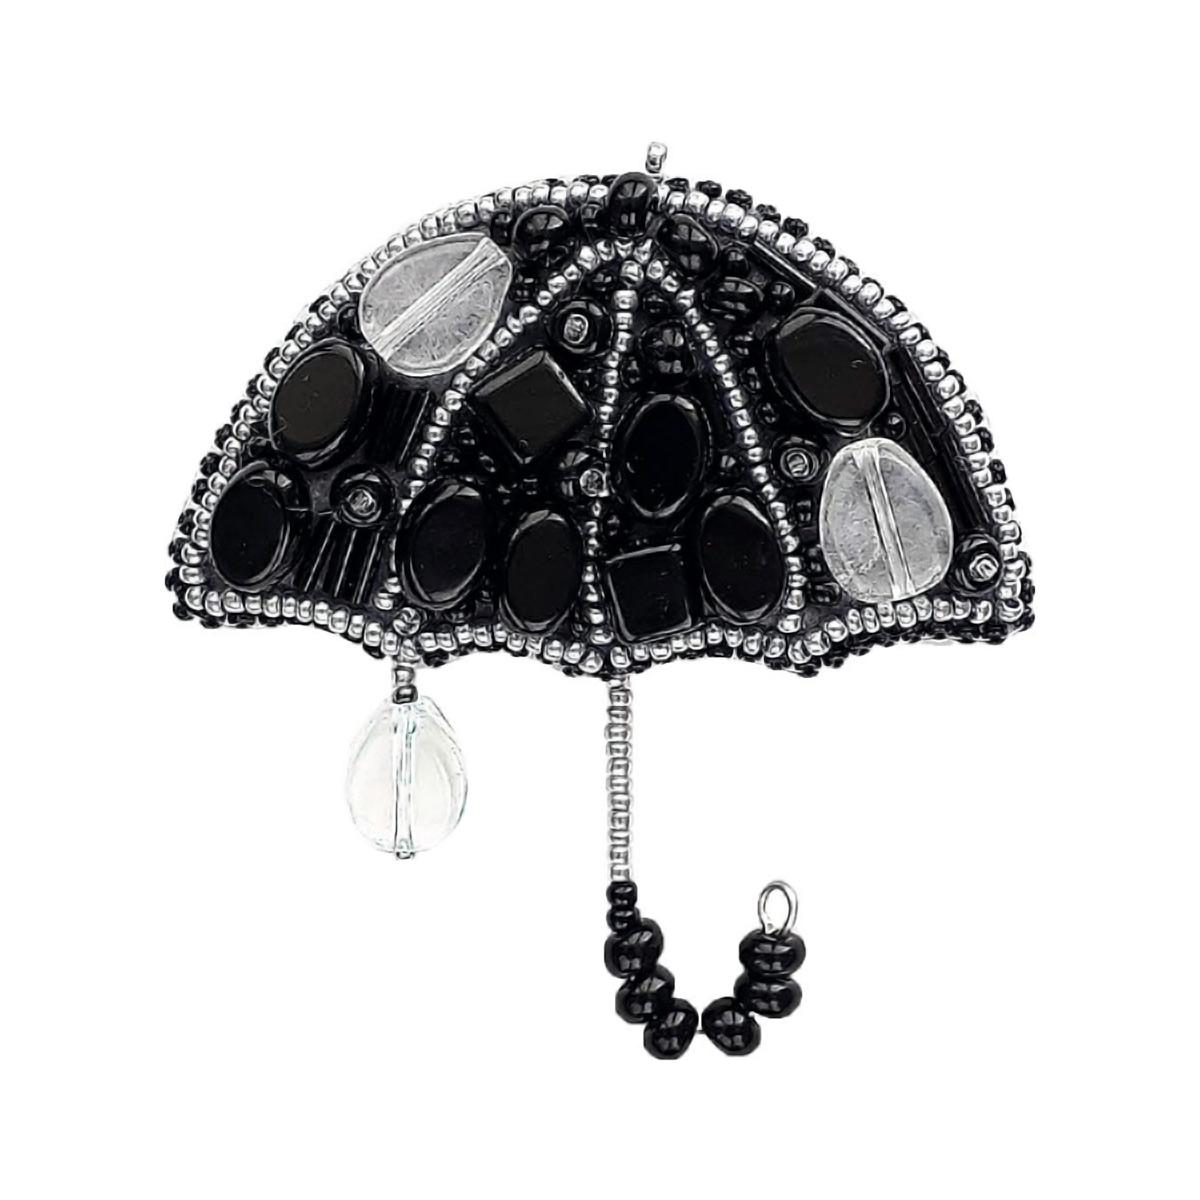 БП203 Набор для изготовления броши 'Вечерний дождик'(зонтик) 7,5х7,0см